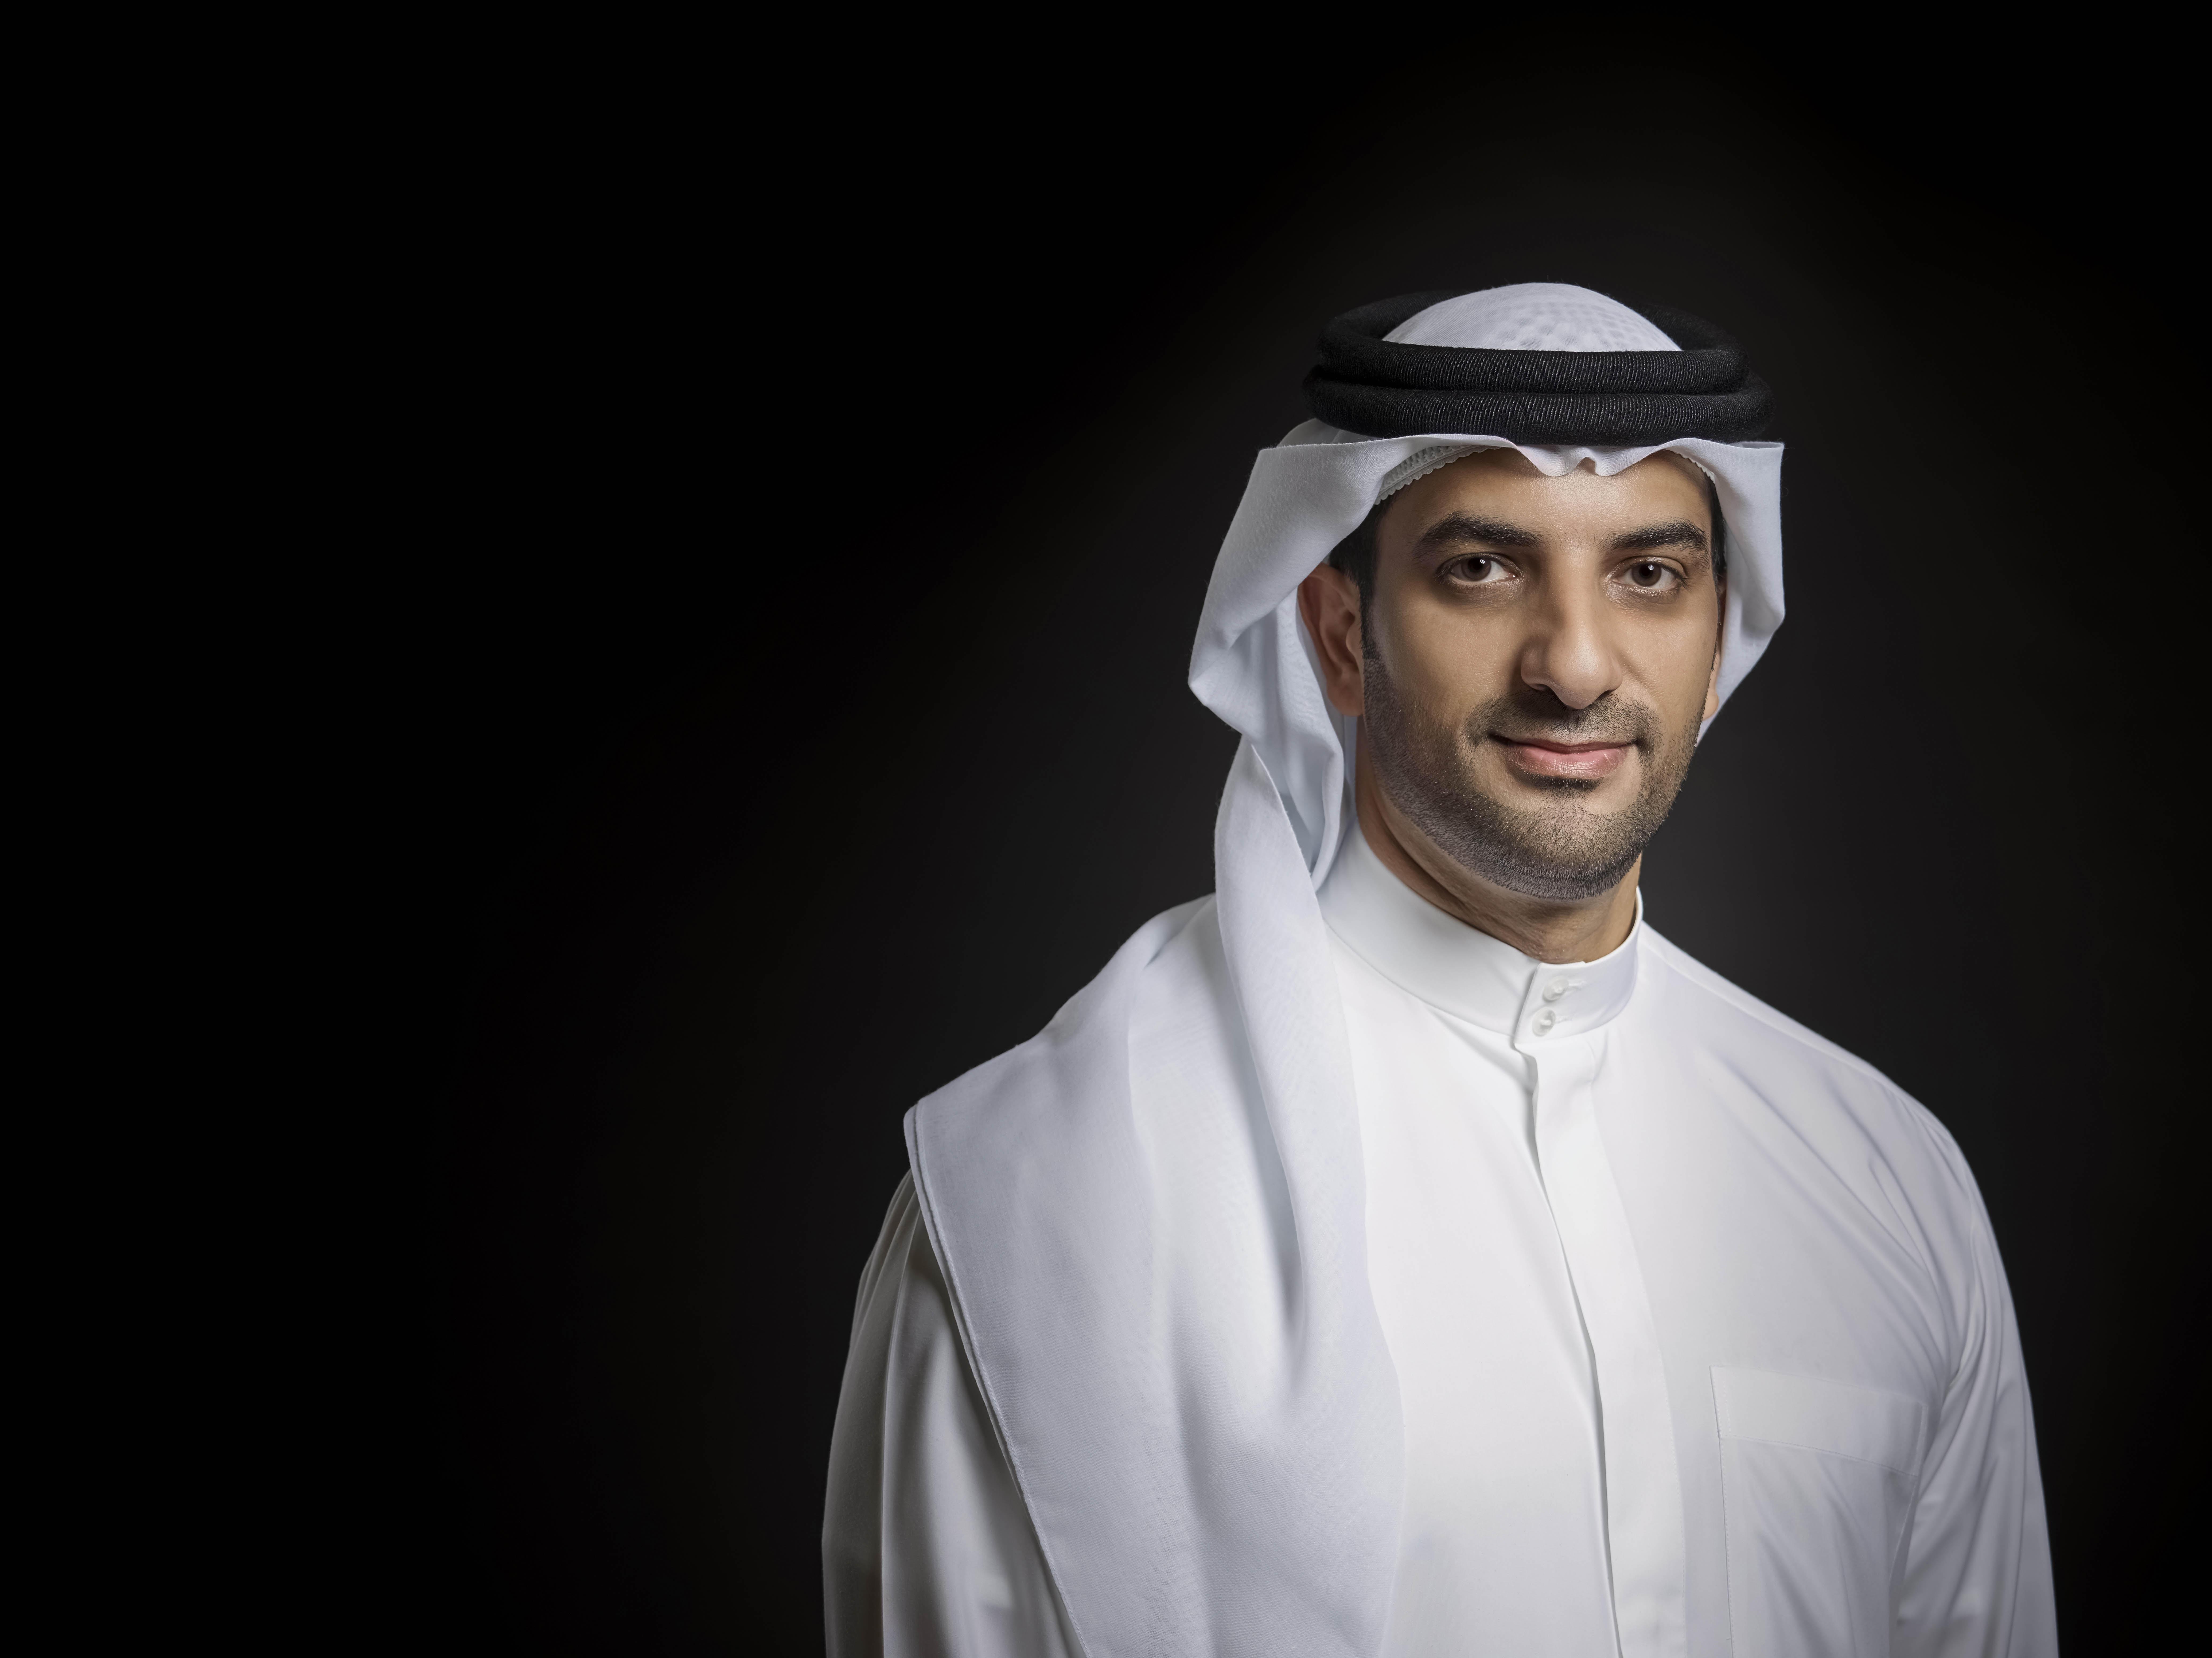 """سلطان بن أحمد القاسمي يعلن تأجيل الدورة الخامسة من """" إكسبوجر """""""